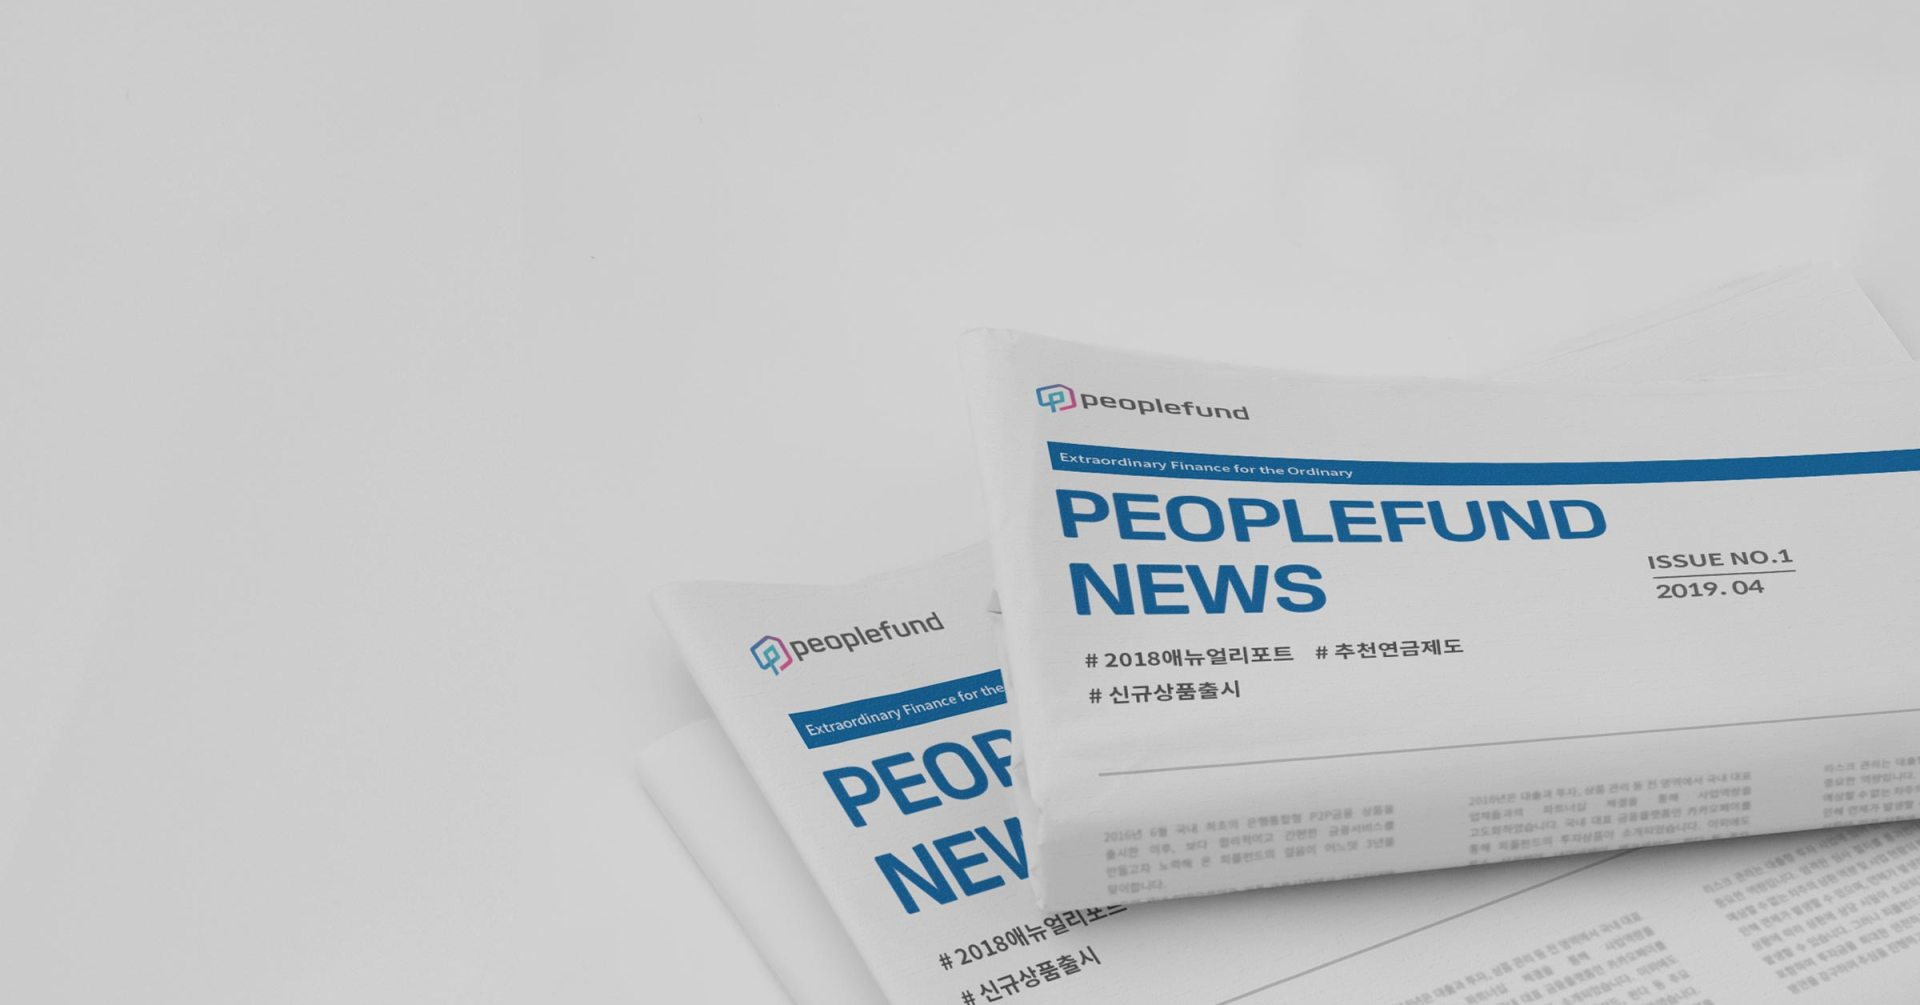 피플펀드 뉴스 issue no.1 2019.04